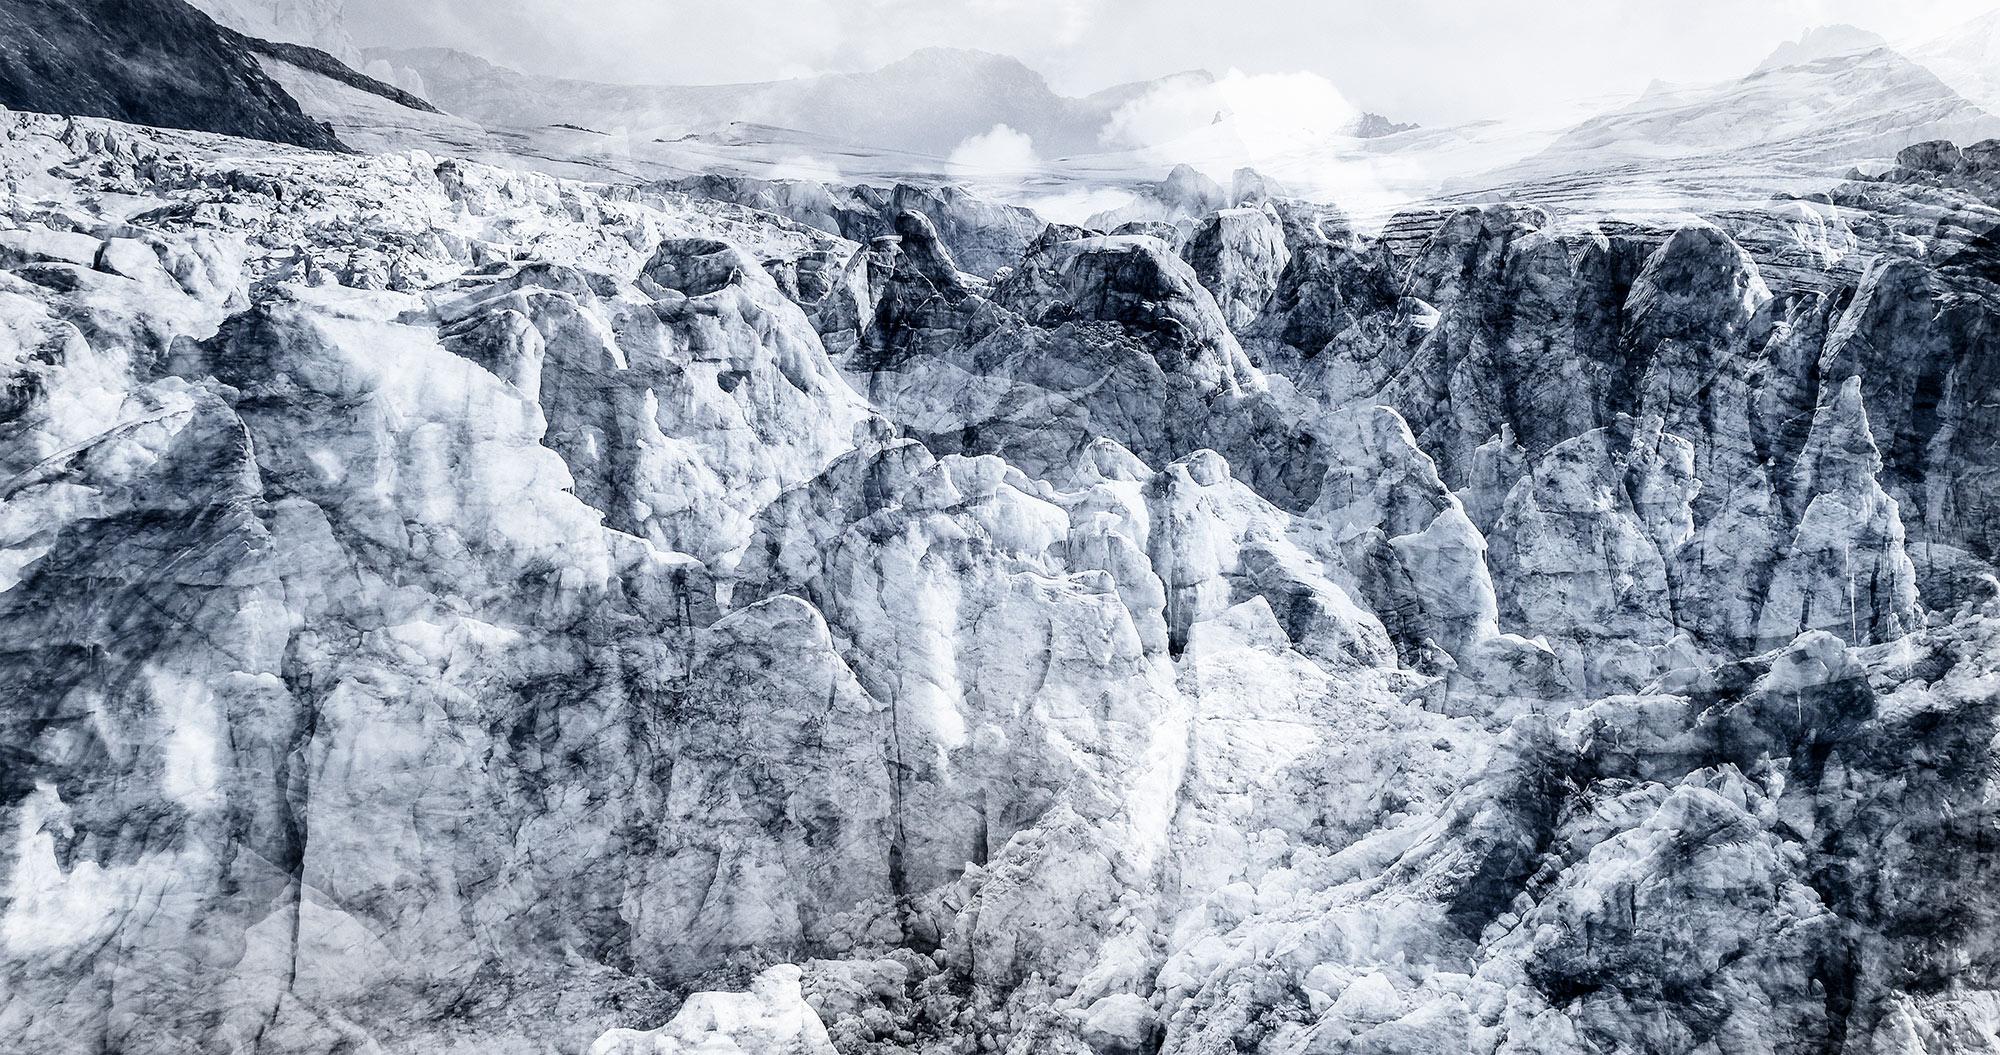 #88 Glaciers offset, 2017, photographie reconstruite à partir de bandes videos, réalisées sur les glaciers de Ferpècle et de Moiry